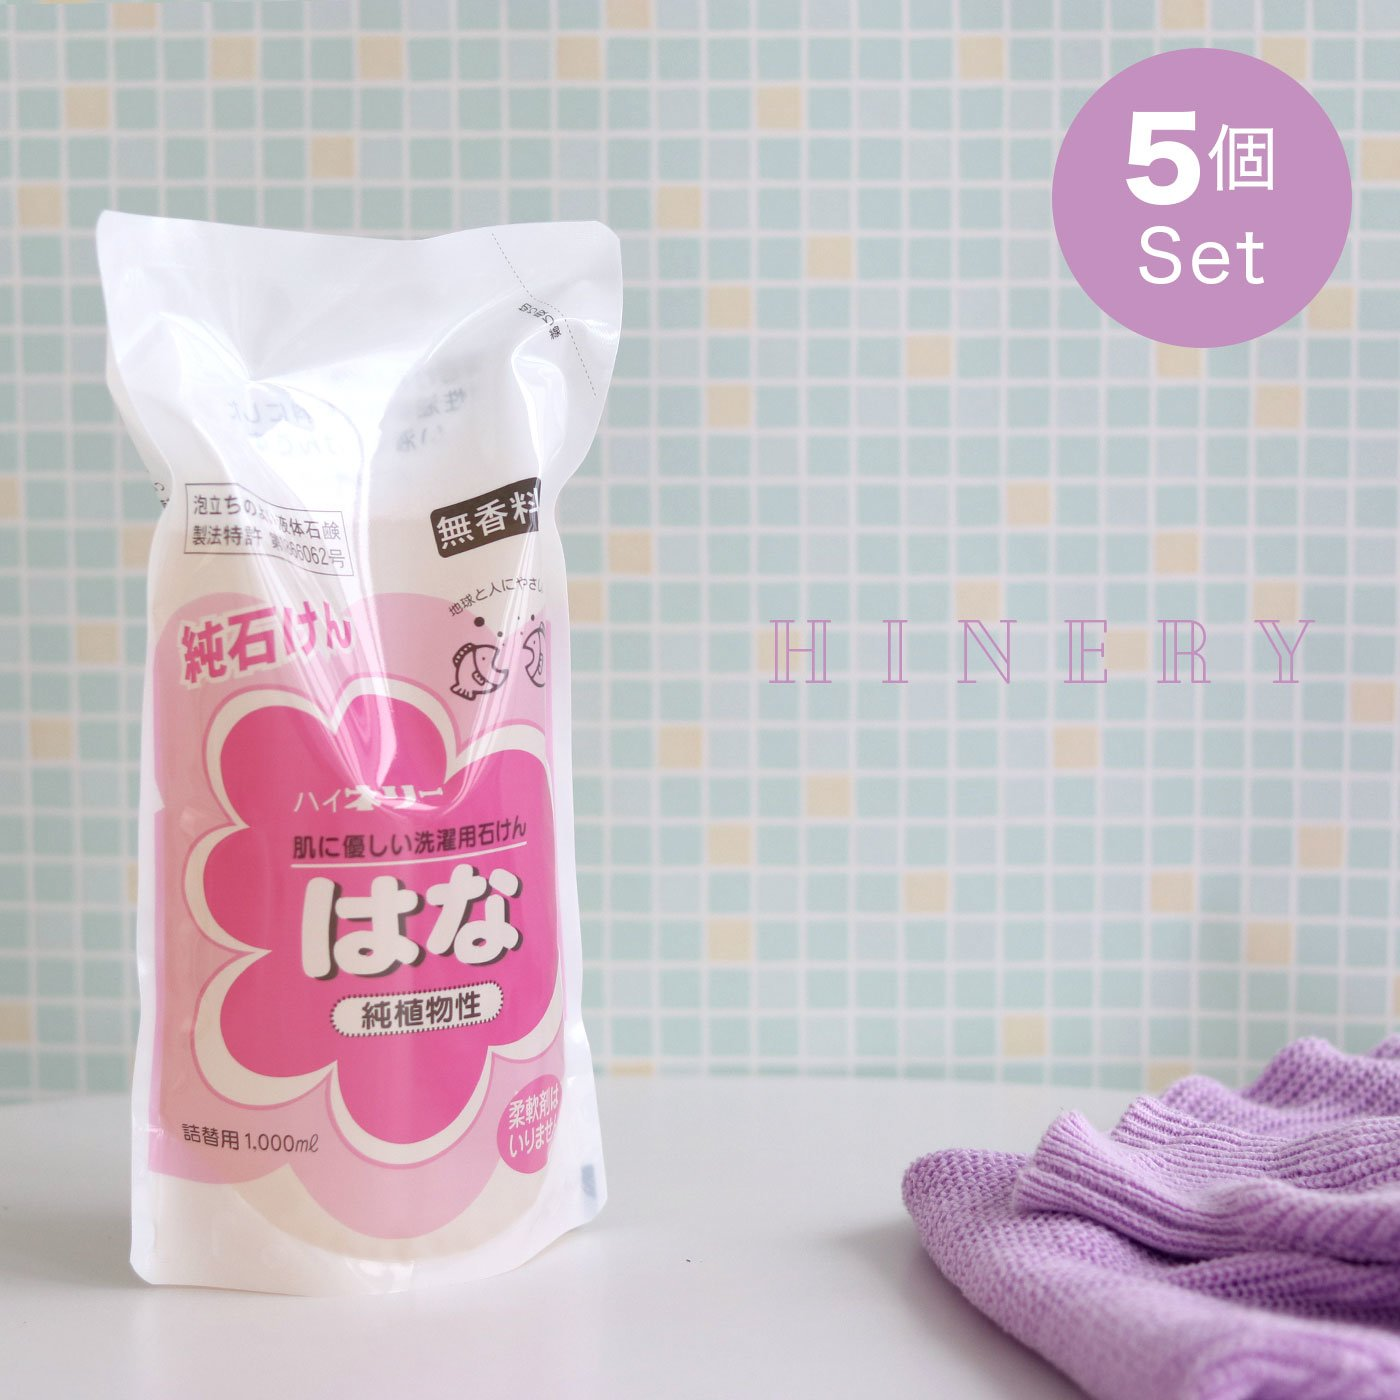 洗濯用液体石けん 純植物性 はな詰替用(柔軟剤不要)5袋入